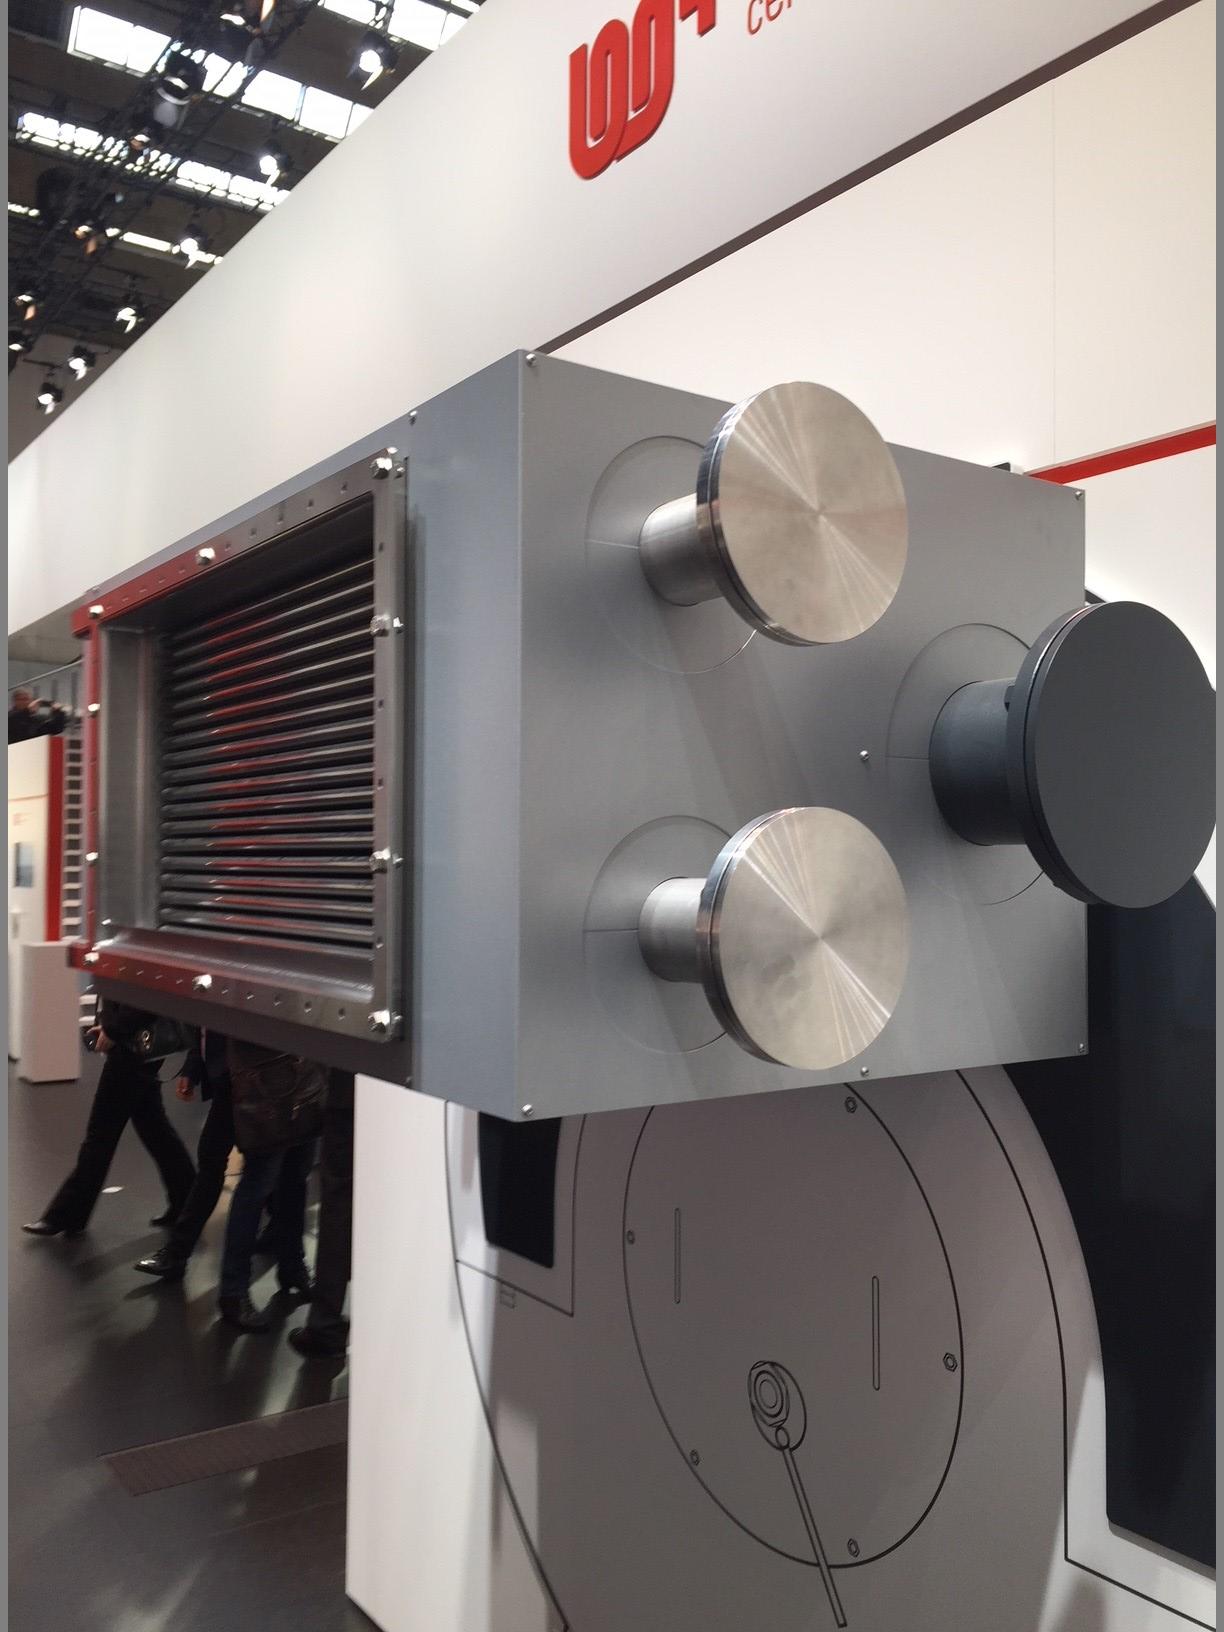 Calorific value heat exchangers